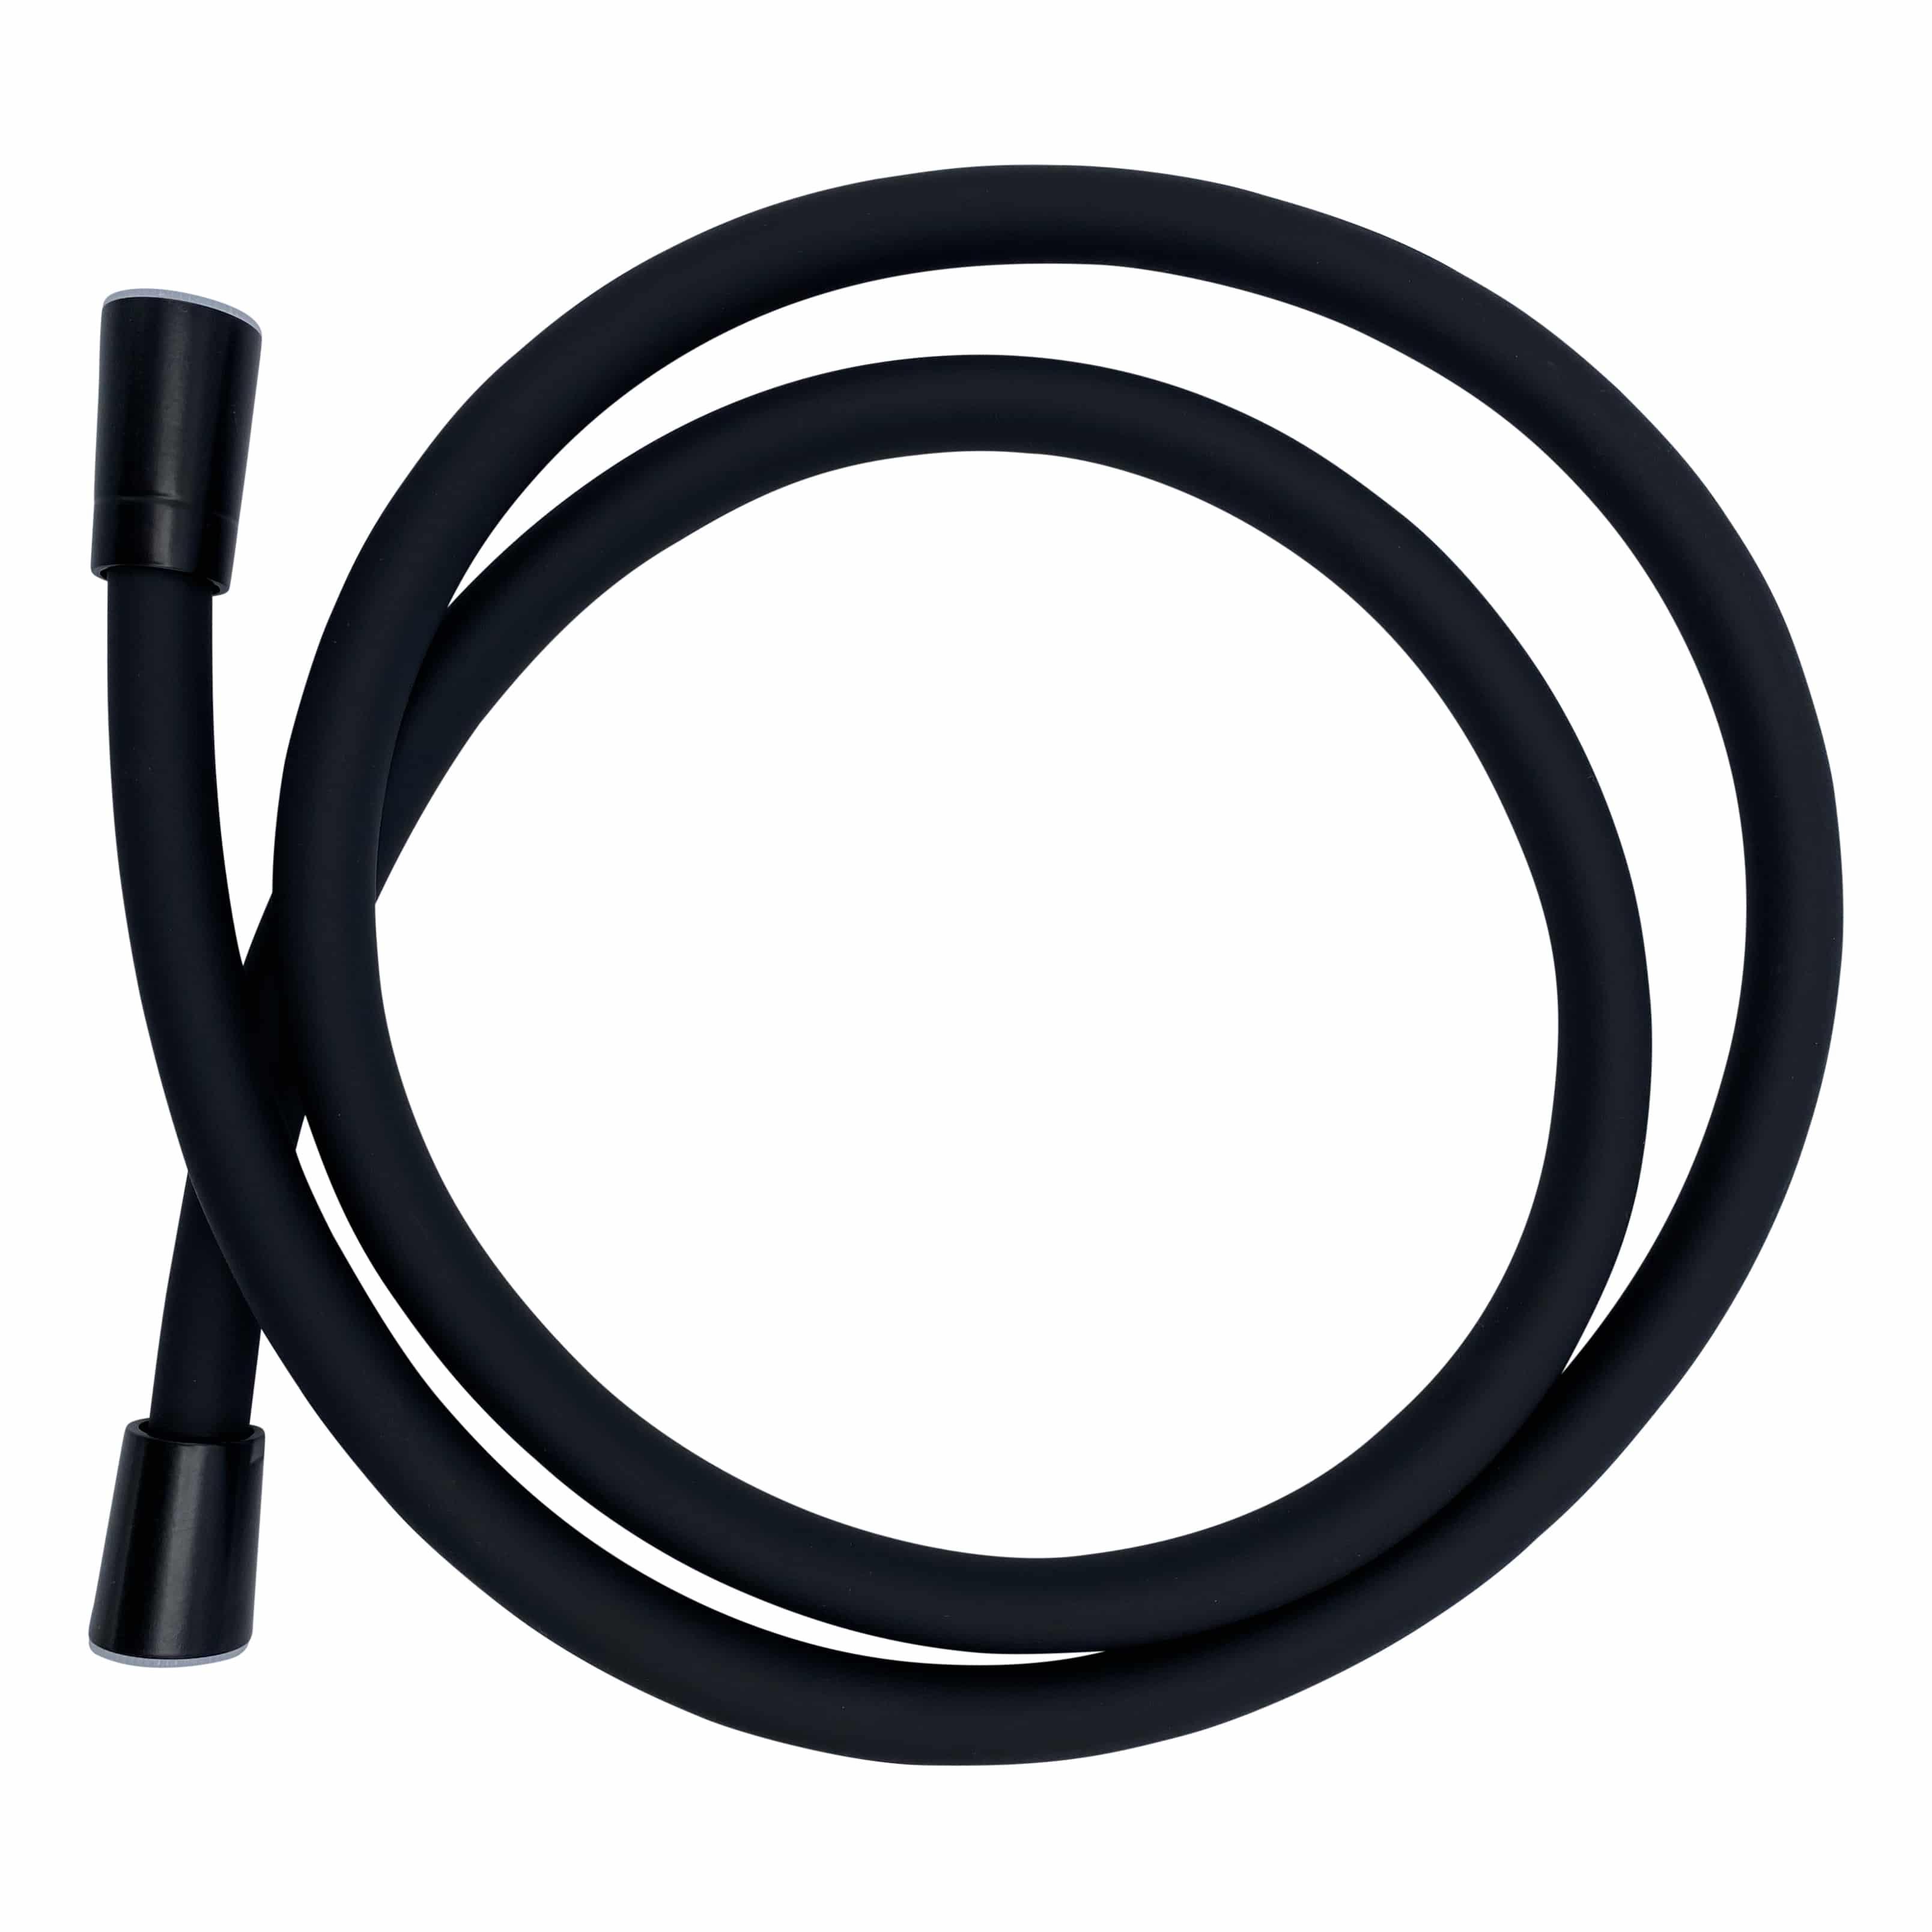 4bathroomz Flower Design doucheset - douchekop slang en klem - zwart